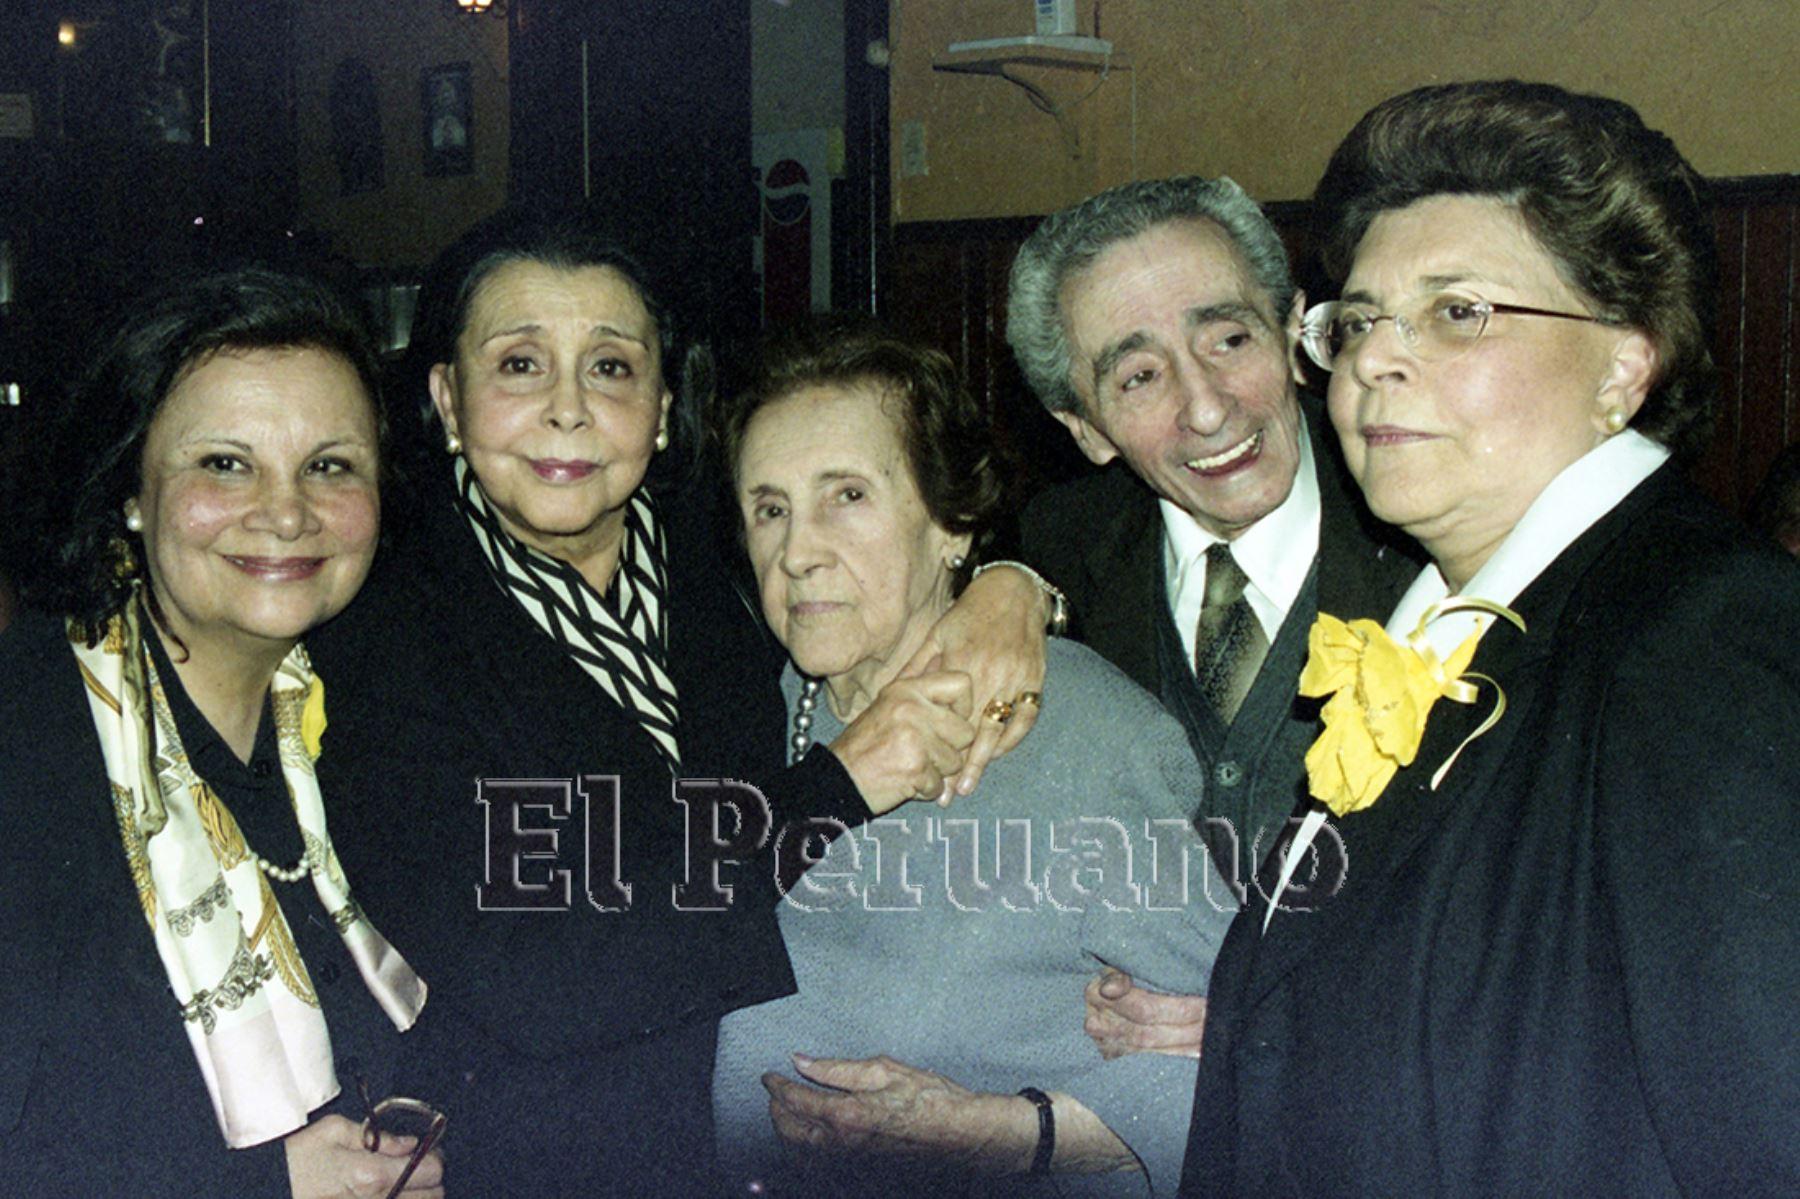 Lima - 14 diciembre 2002. Blanca Varela con su madre Serafina Quinteras y sus hermanos  Raúl y Nelly en la celebración por los 100 años de la compositora. Foto: Archivo El Peruano